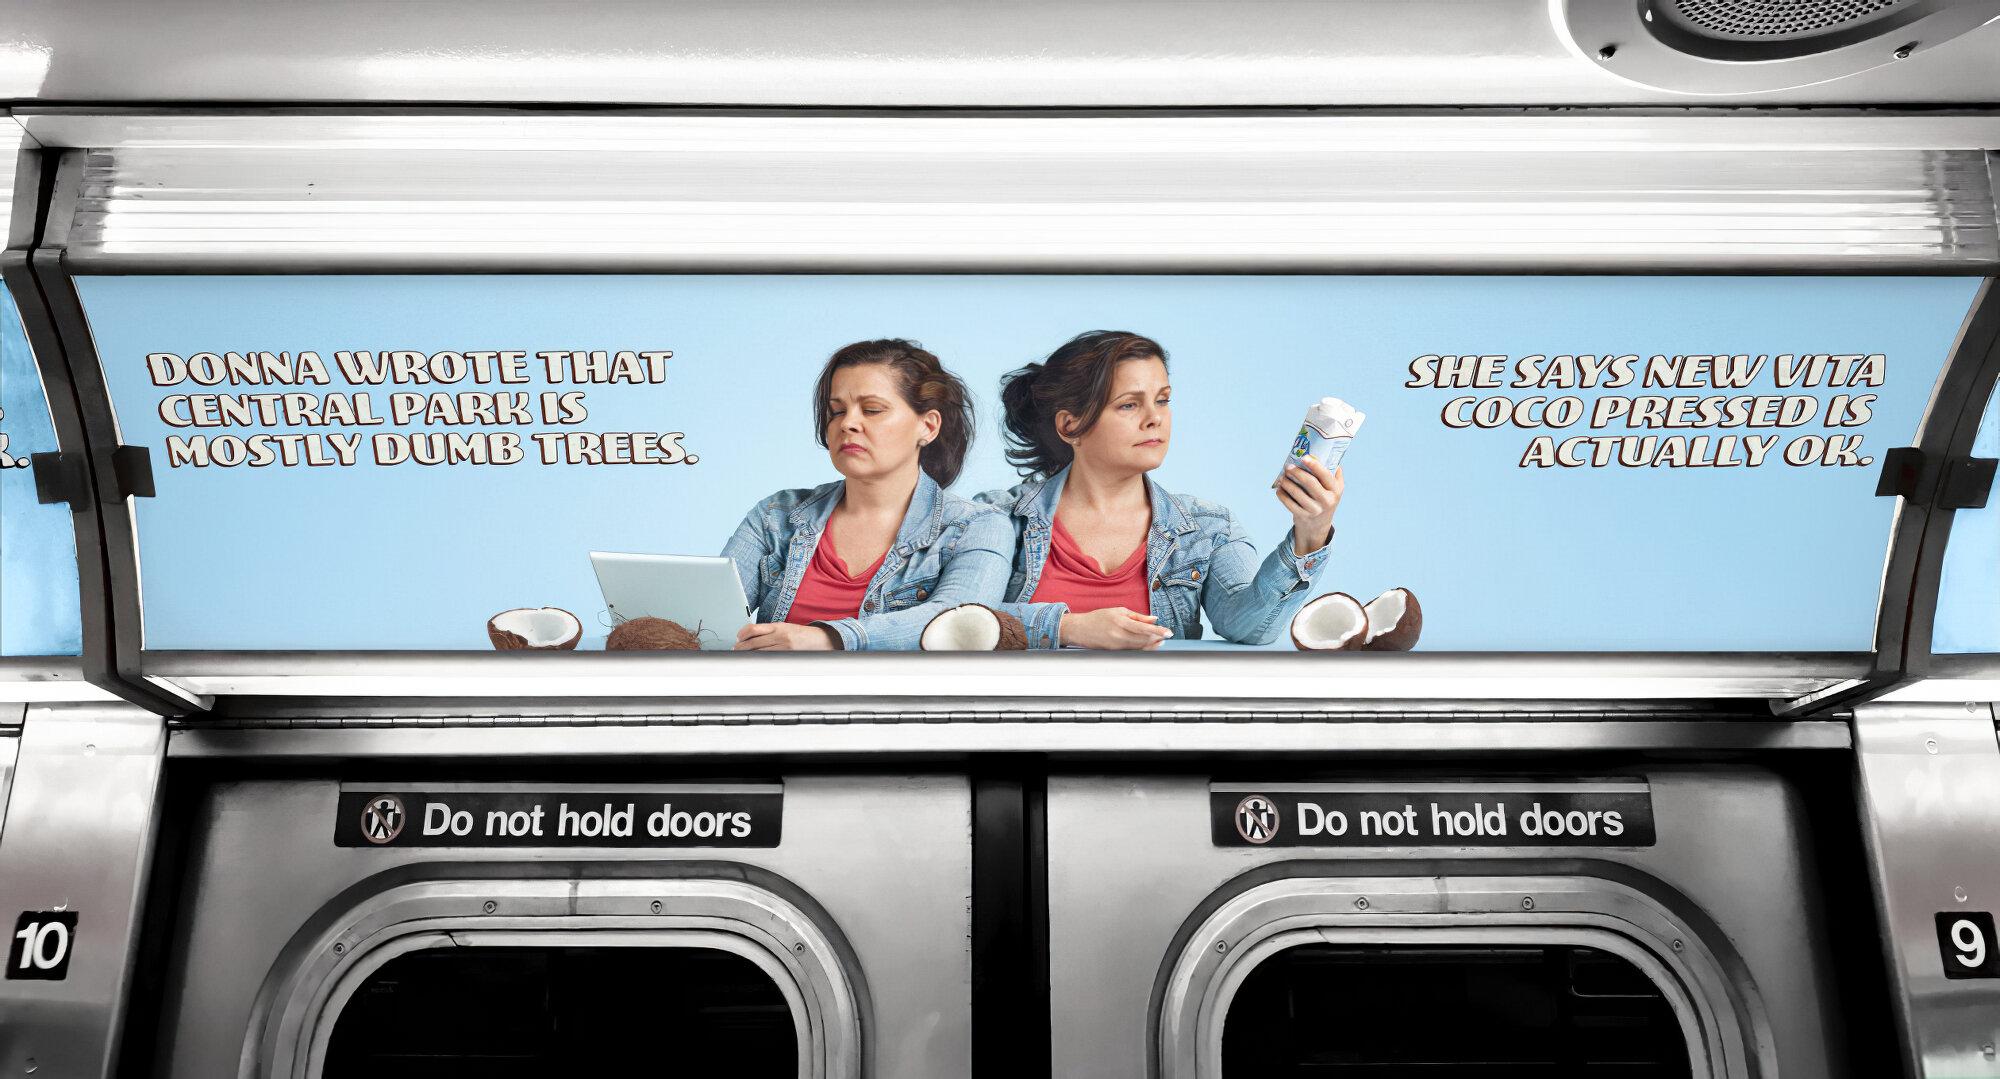 VitaCoco_OOH_Subway.jpg